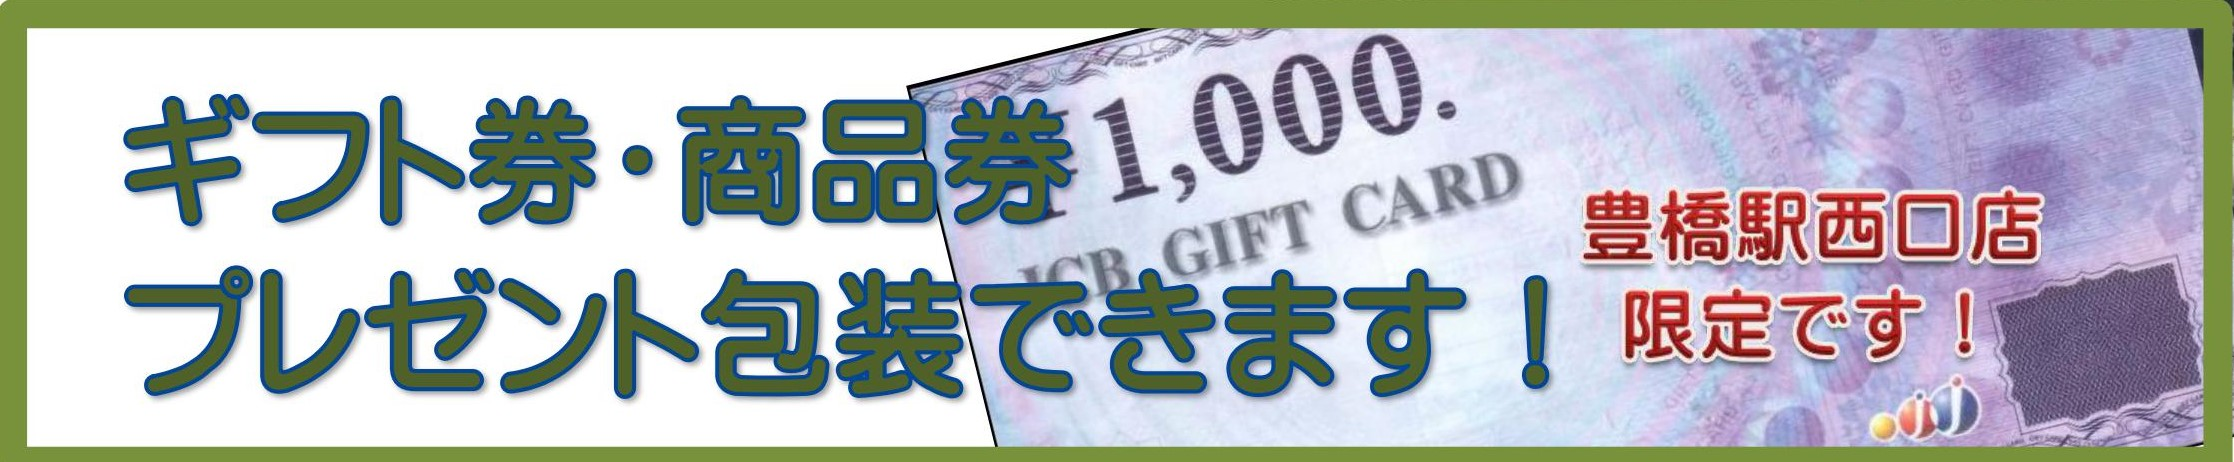 豊橋金券ショップフリーチケット|ギフト券包装